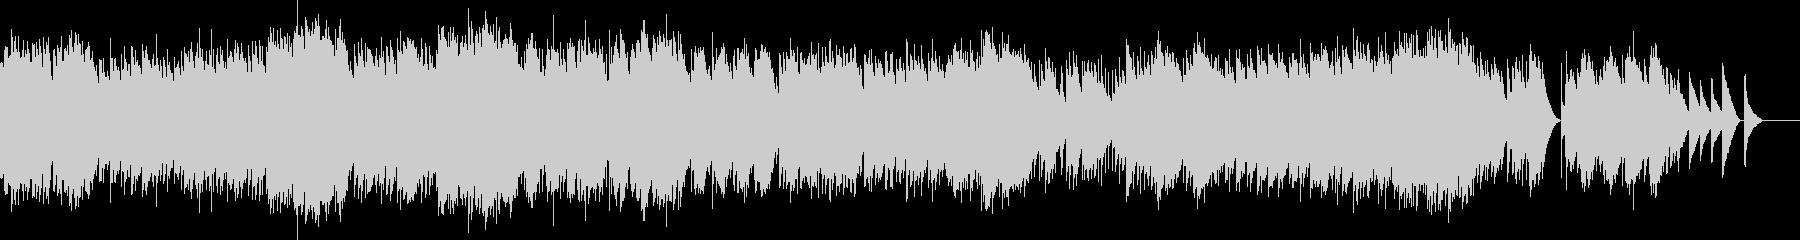 カルメン アラゴネーズ(オルゴール)の未再生の波形